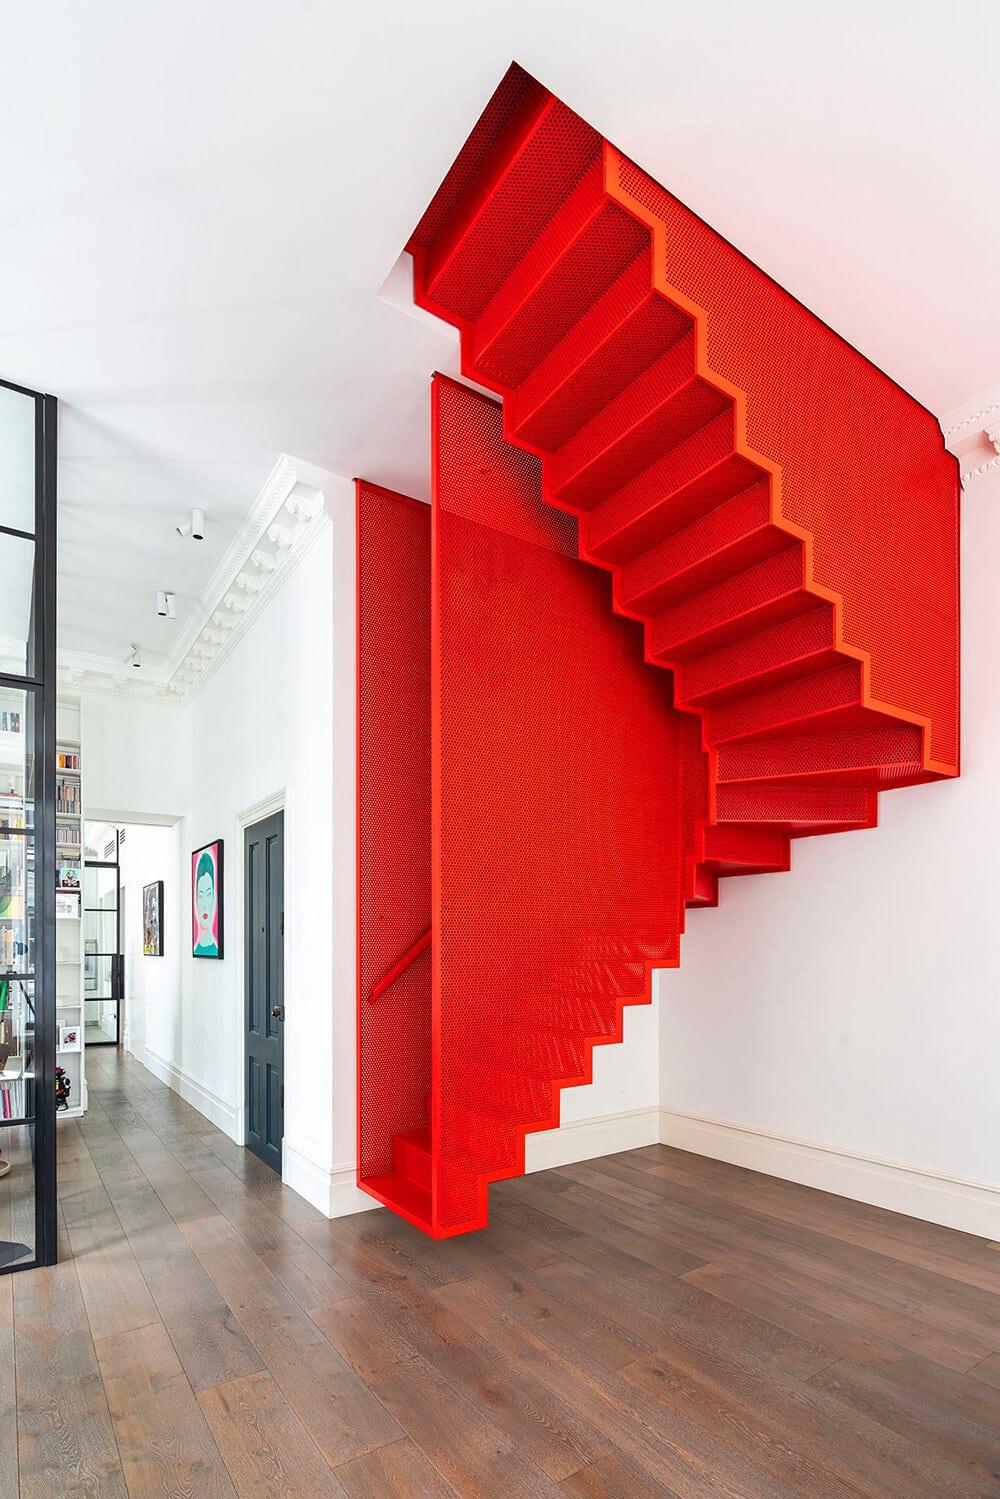 kt0261 Projekt po czerwonych schodach